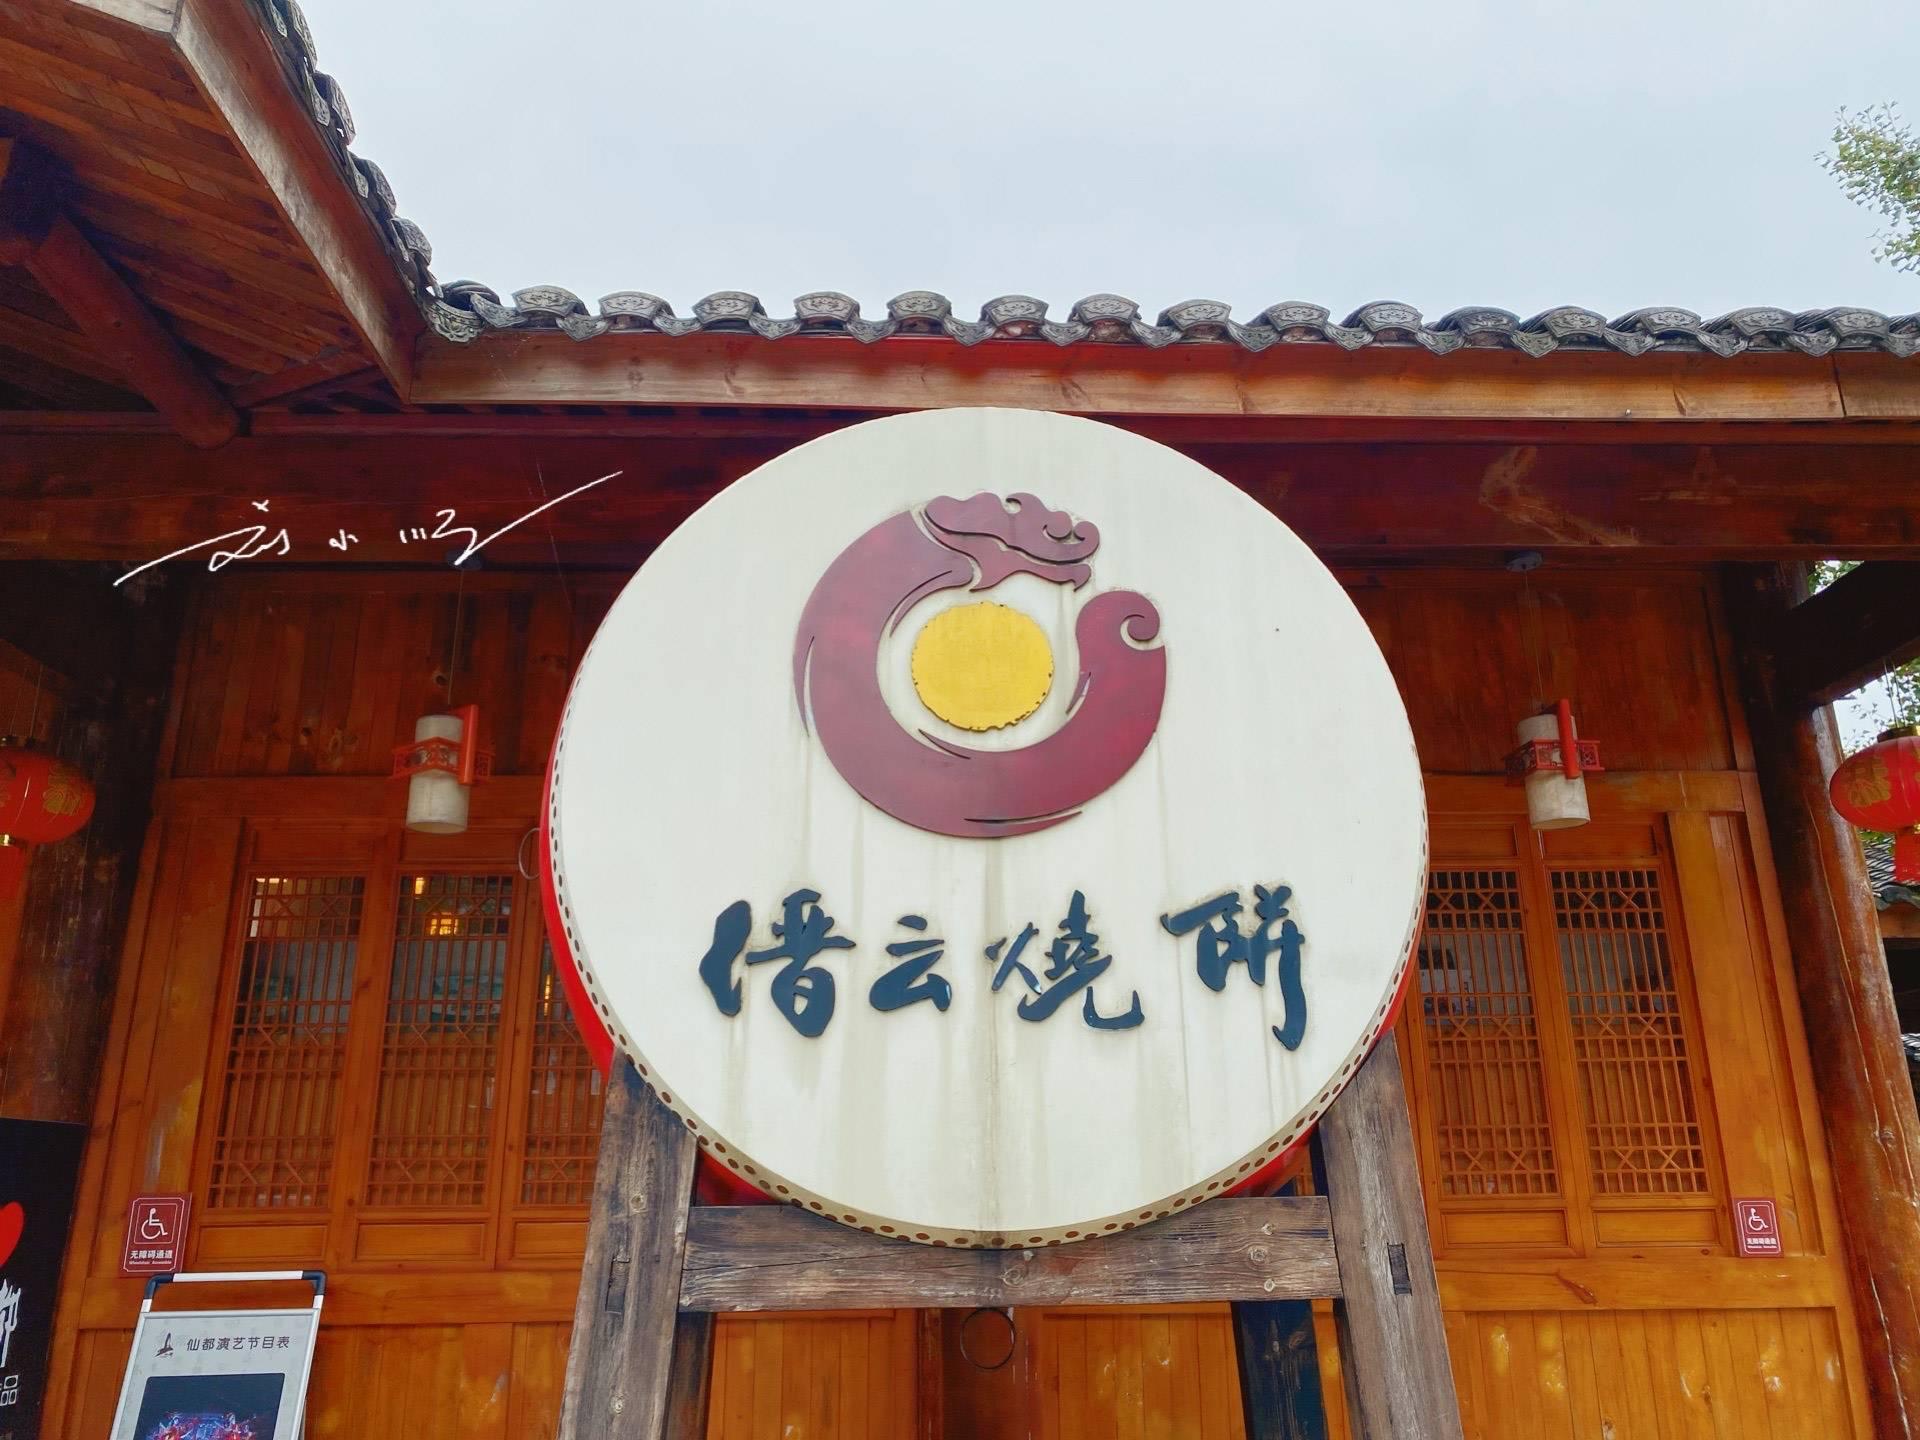 遊客探秘浙江省「縉雲燒餅」總店,位於5A景區內,味道名不虛傳